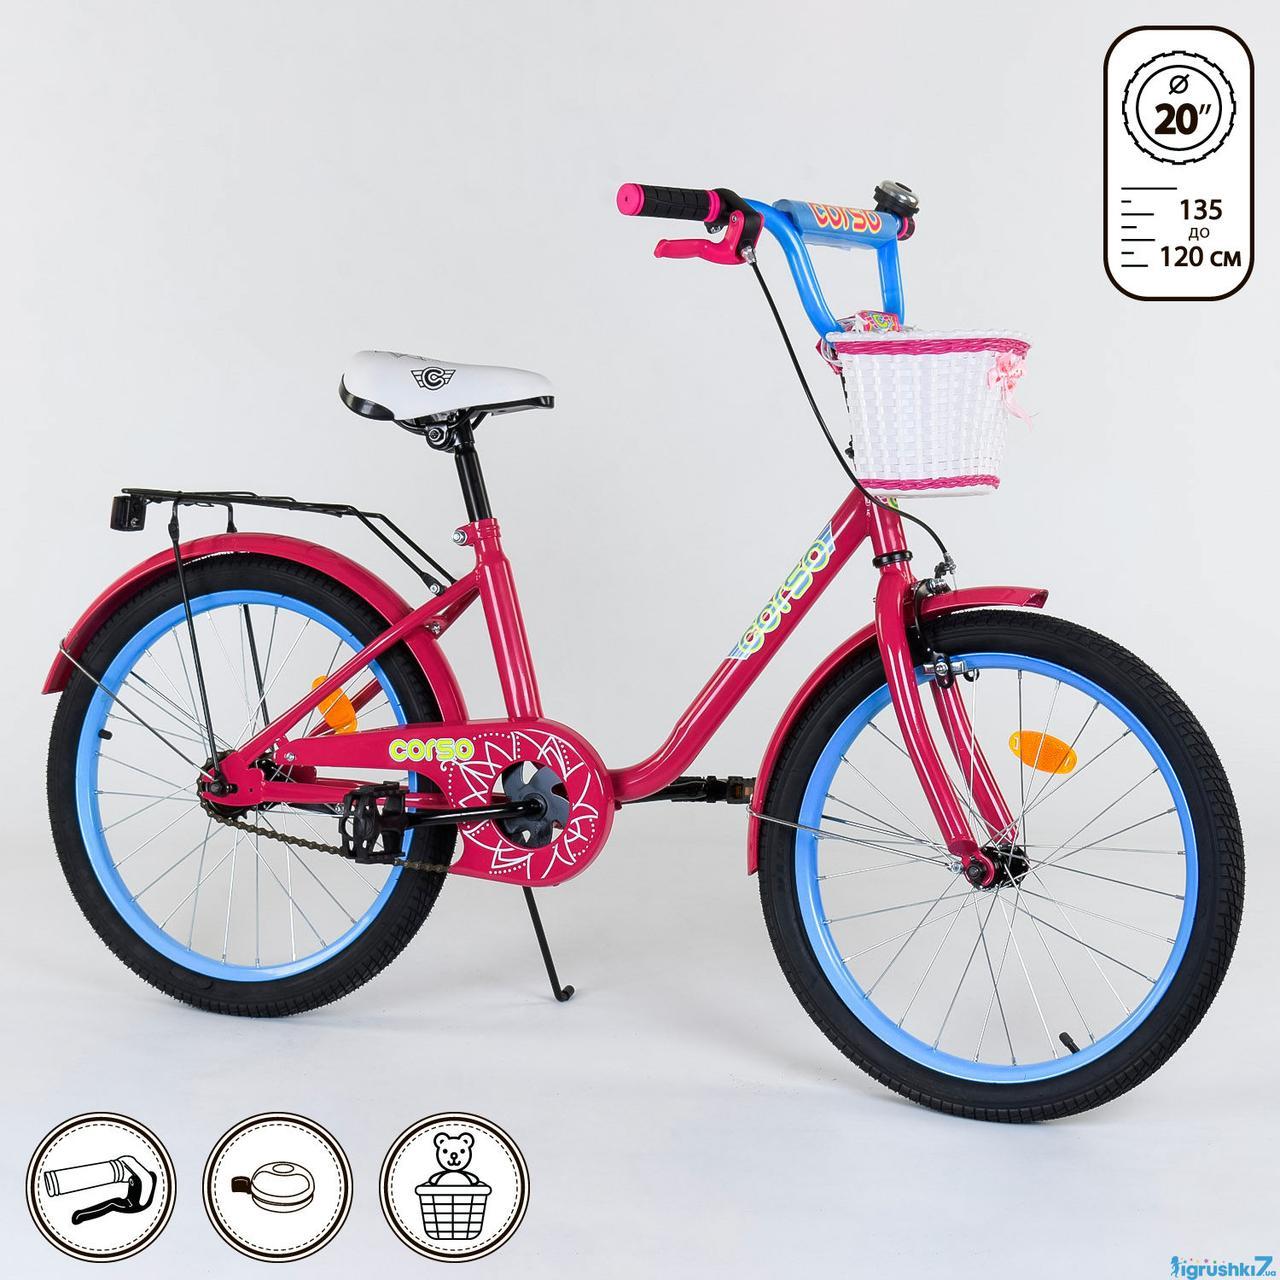 Детский велосипед 20 дюймов девочке с багажником и корзинкой рост 120-135 см CORSO